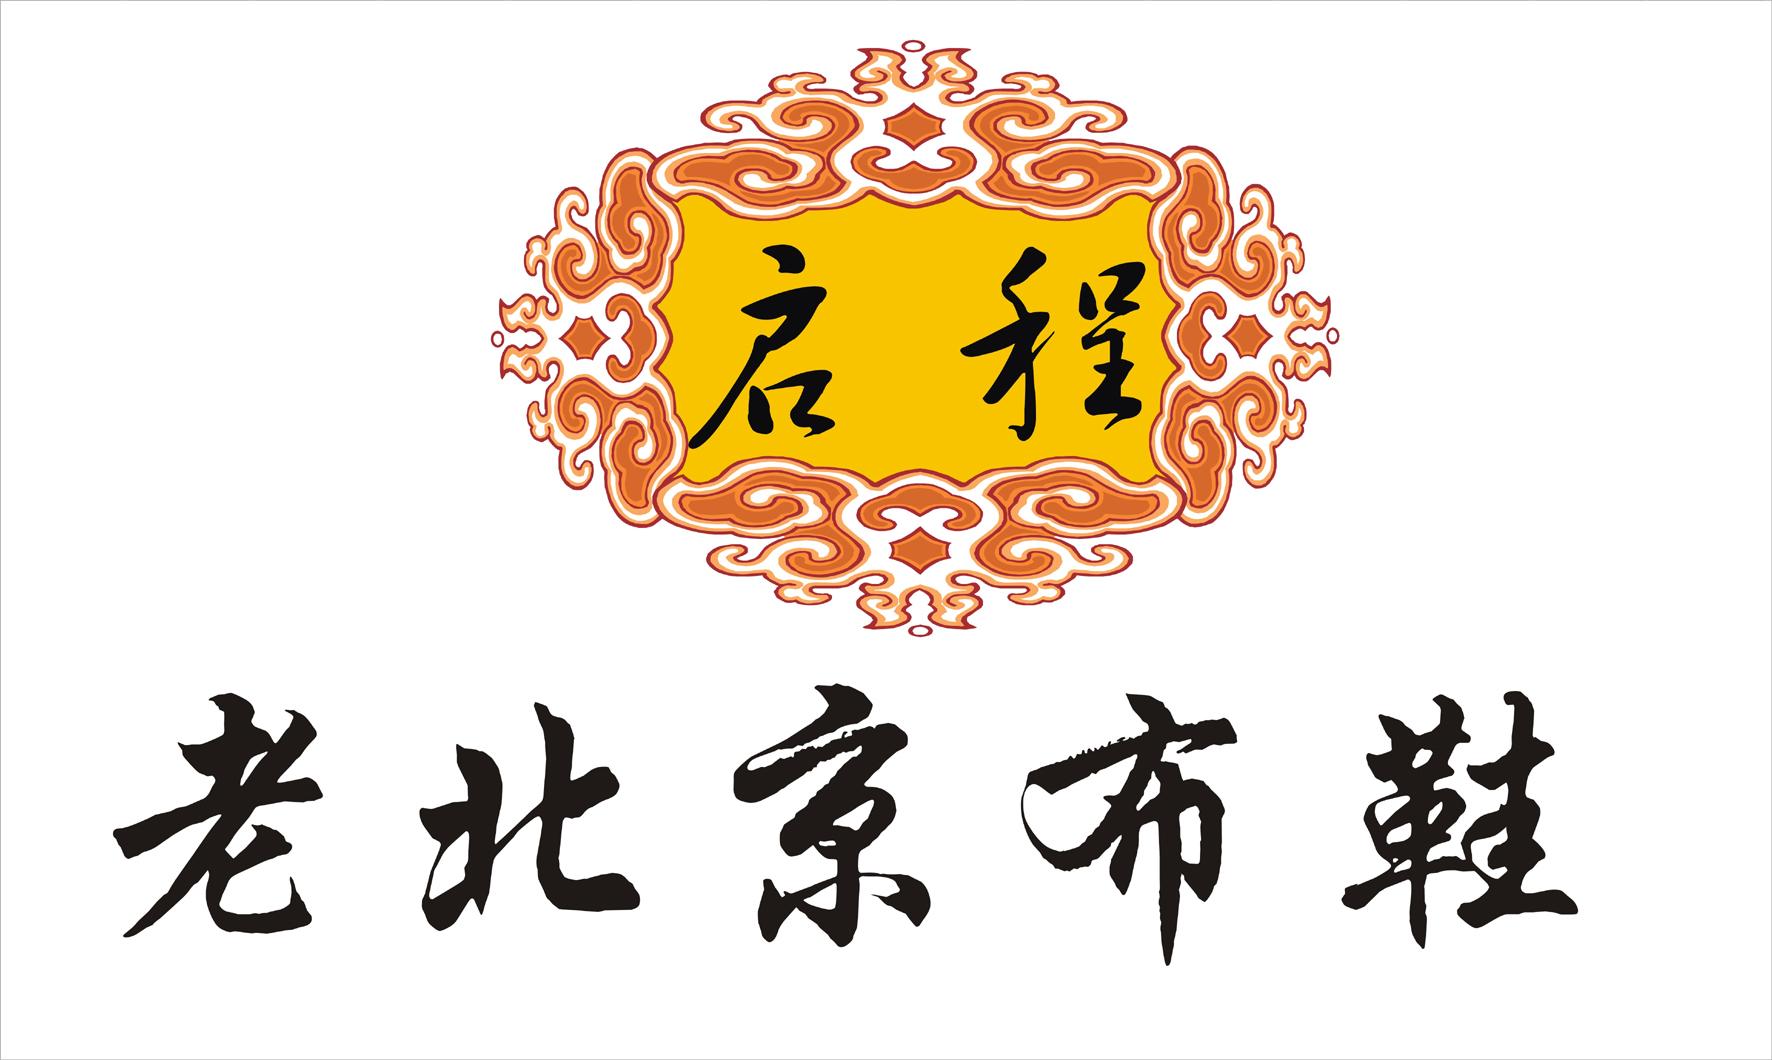 老北京布鞋的logo设计及外包装(盒子)设计 我们的产品是老北京布鞋,品牌是 启程 ,广告语是幸福人生,开始启程! 要求logo要大气,美观,和我们的产品有关联就行。不拘一格。包装设计很简单,稍作设计,美观就行。  【客户联系方式】 见二楼 【重要说明】